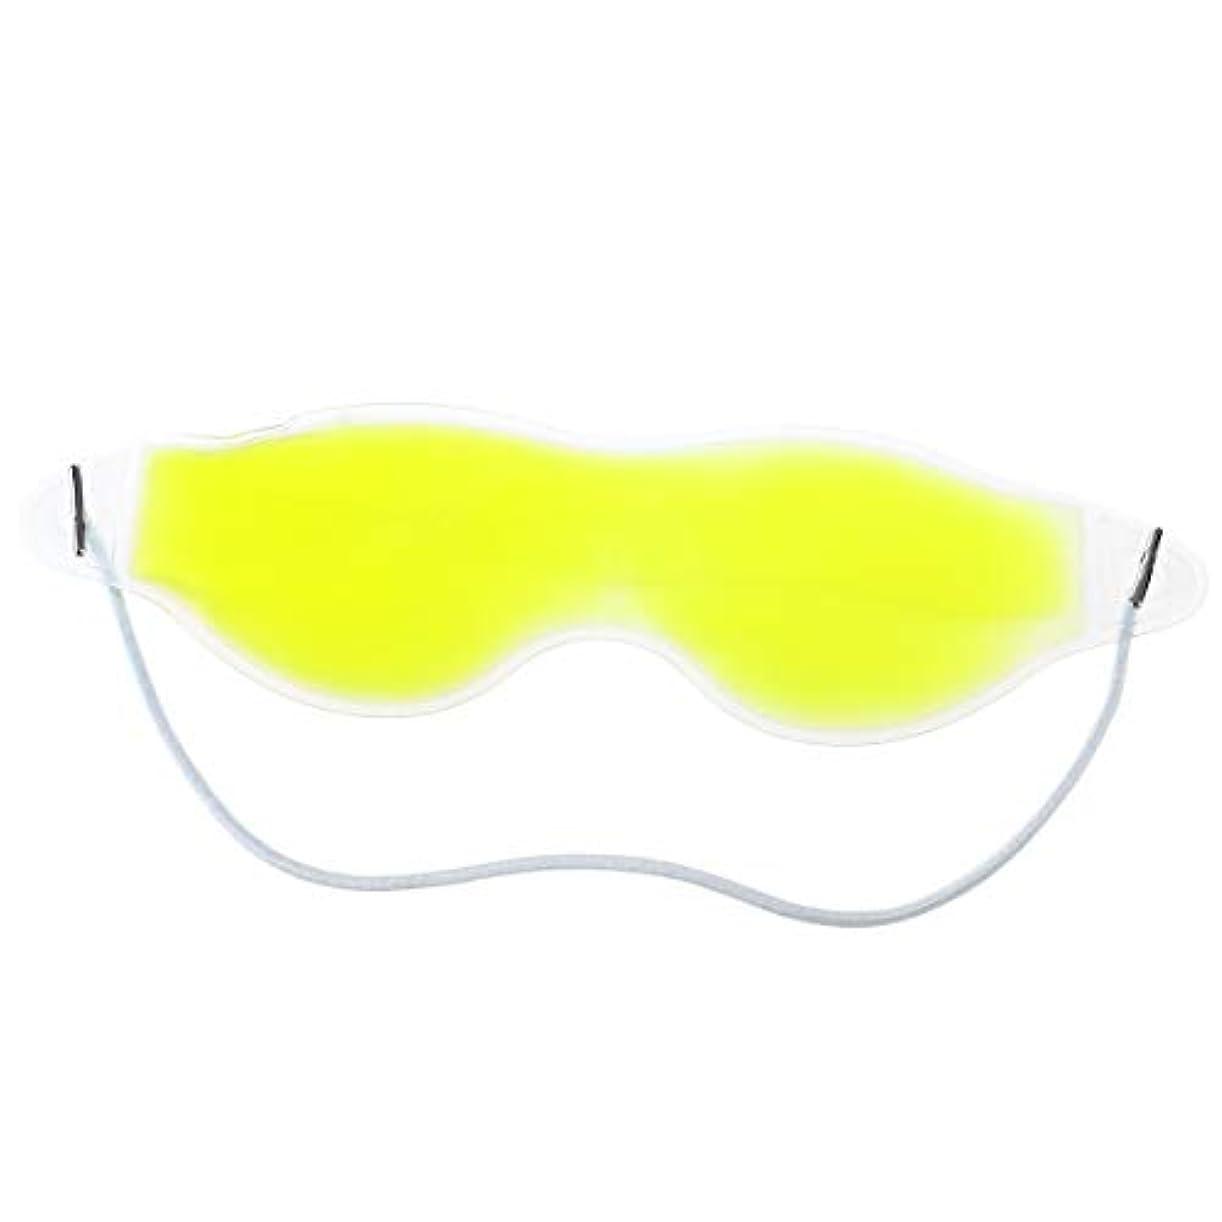 マーベル教養があるロケットARTLILY ジェルアイマスクアイスコールドパックまたはホットパックアイリラクゼーションセラピーマスク - 眠りを改善し、腫れぼったい、目の腫れ、疲労、頭痛、緊張を改善(黄色)